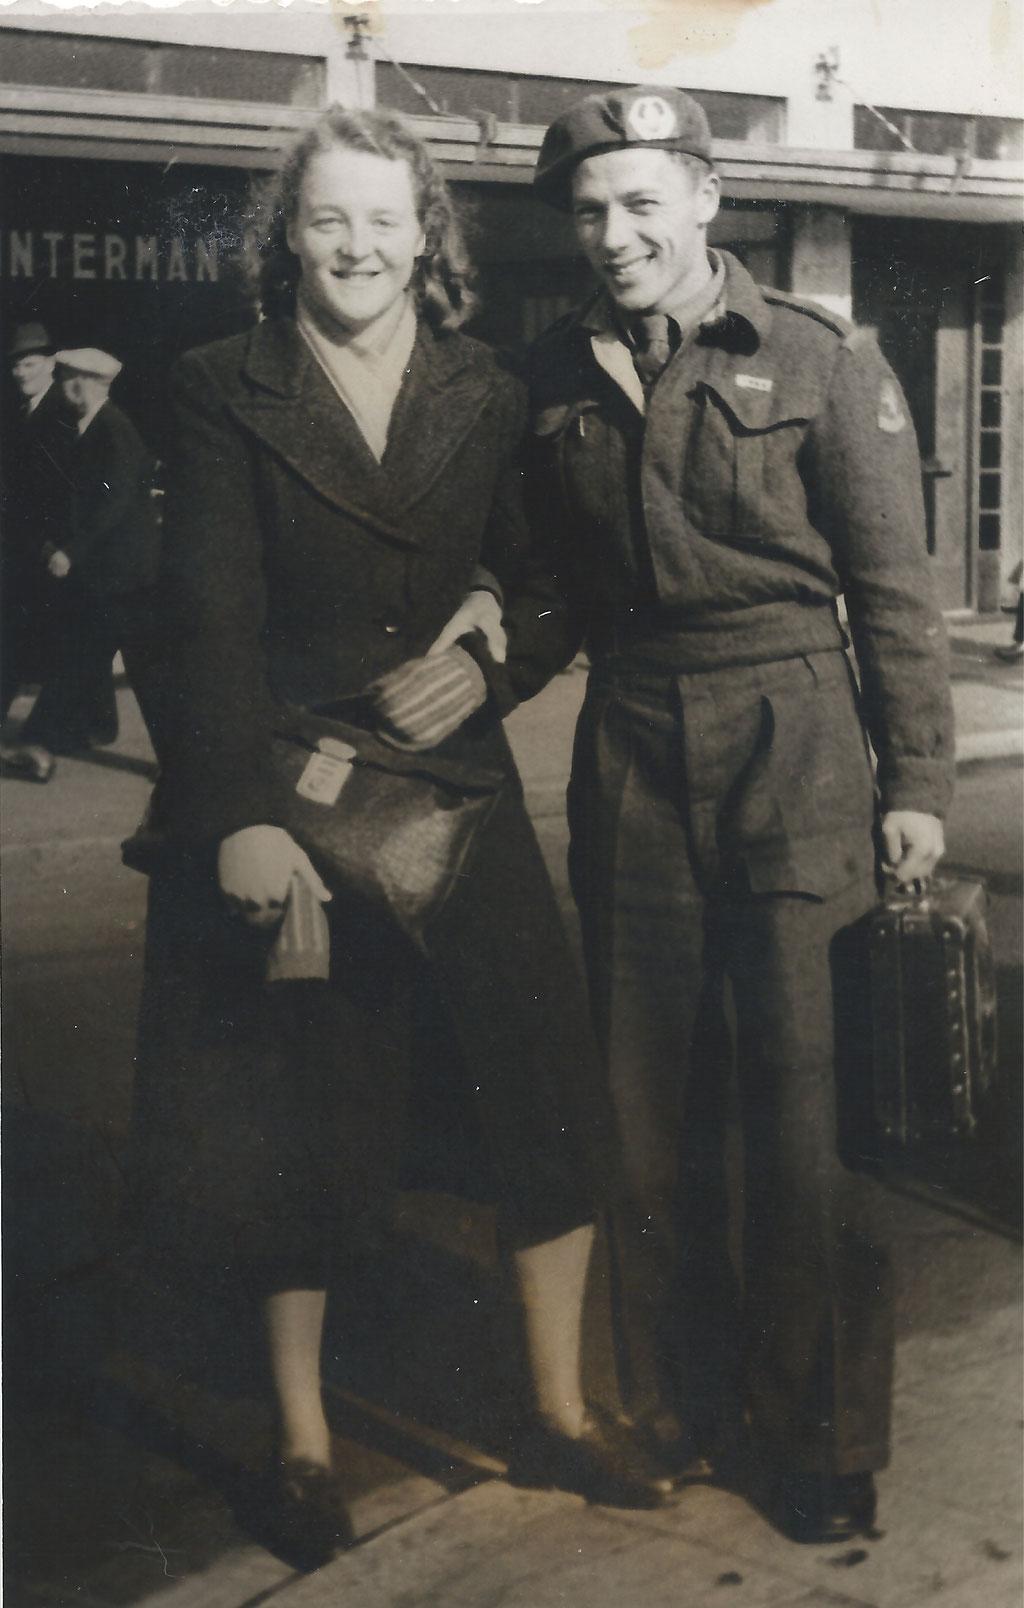 Al min of meer verloofd en dan 3,5 jaar in dienst moeten naar Indië. Op deze foto zijn m'n ouders weer herenigd. Trouw bleven ze elkaar: een lied waard!